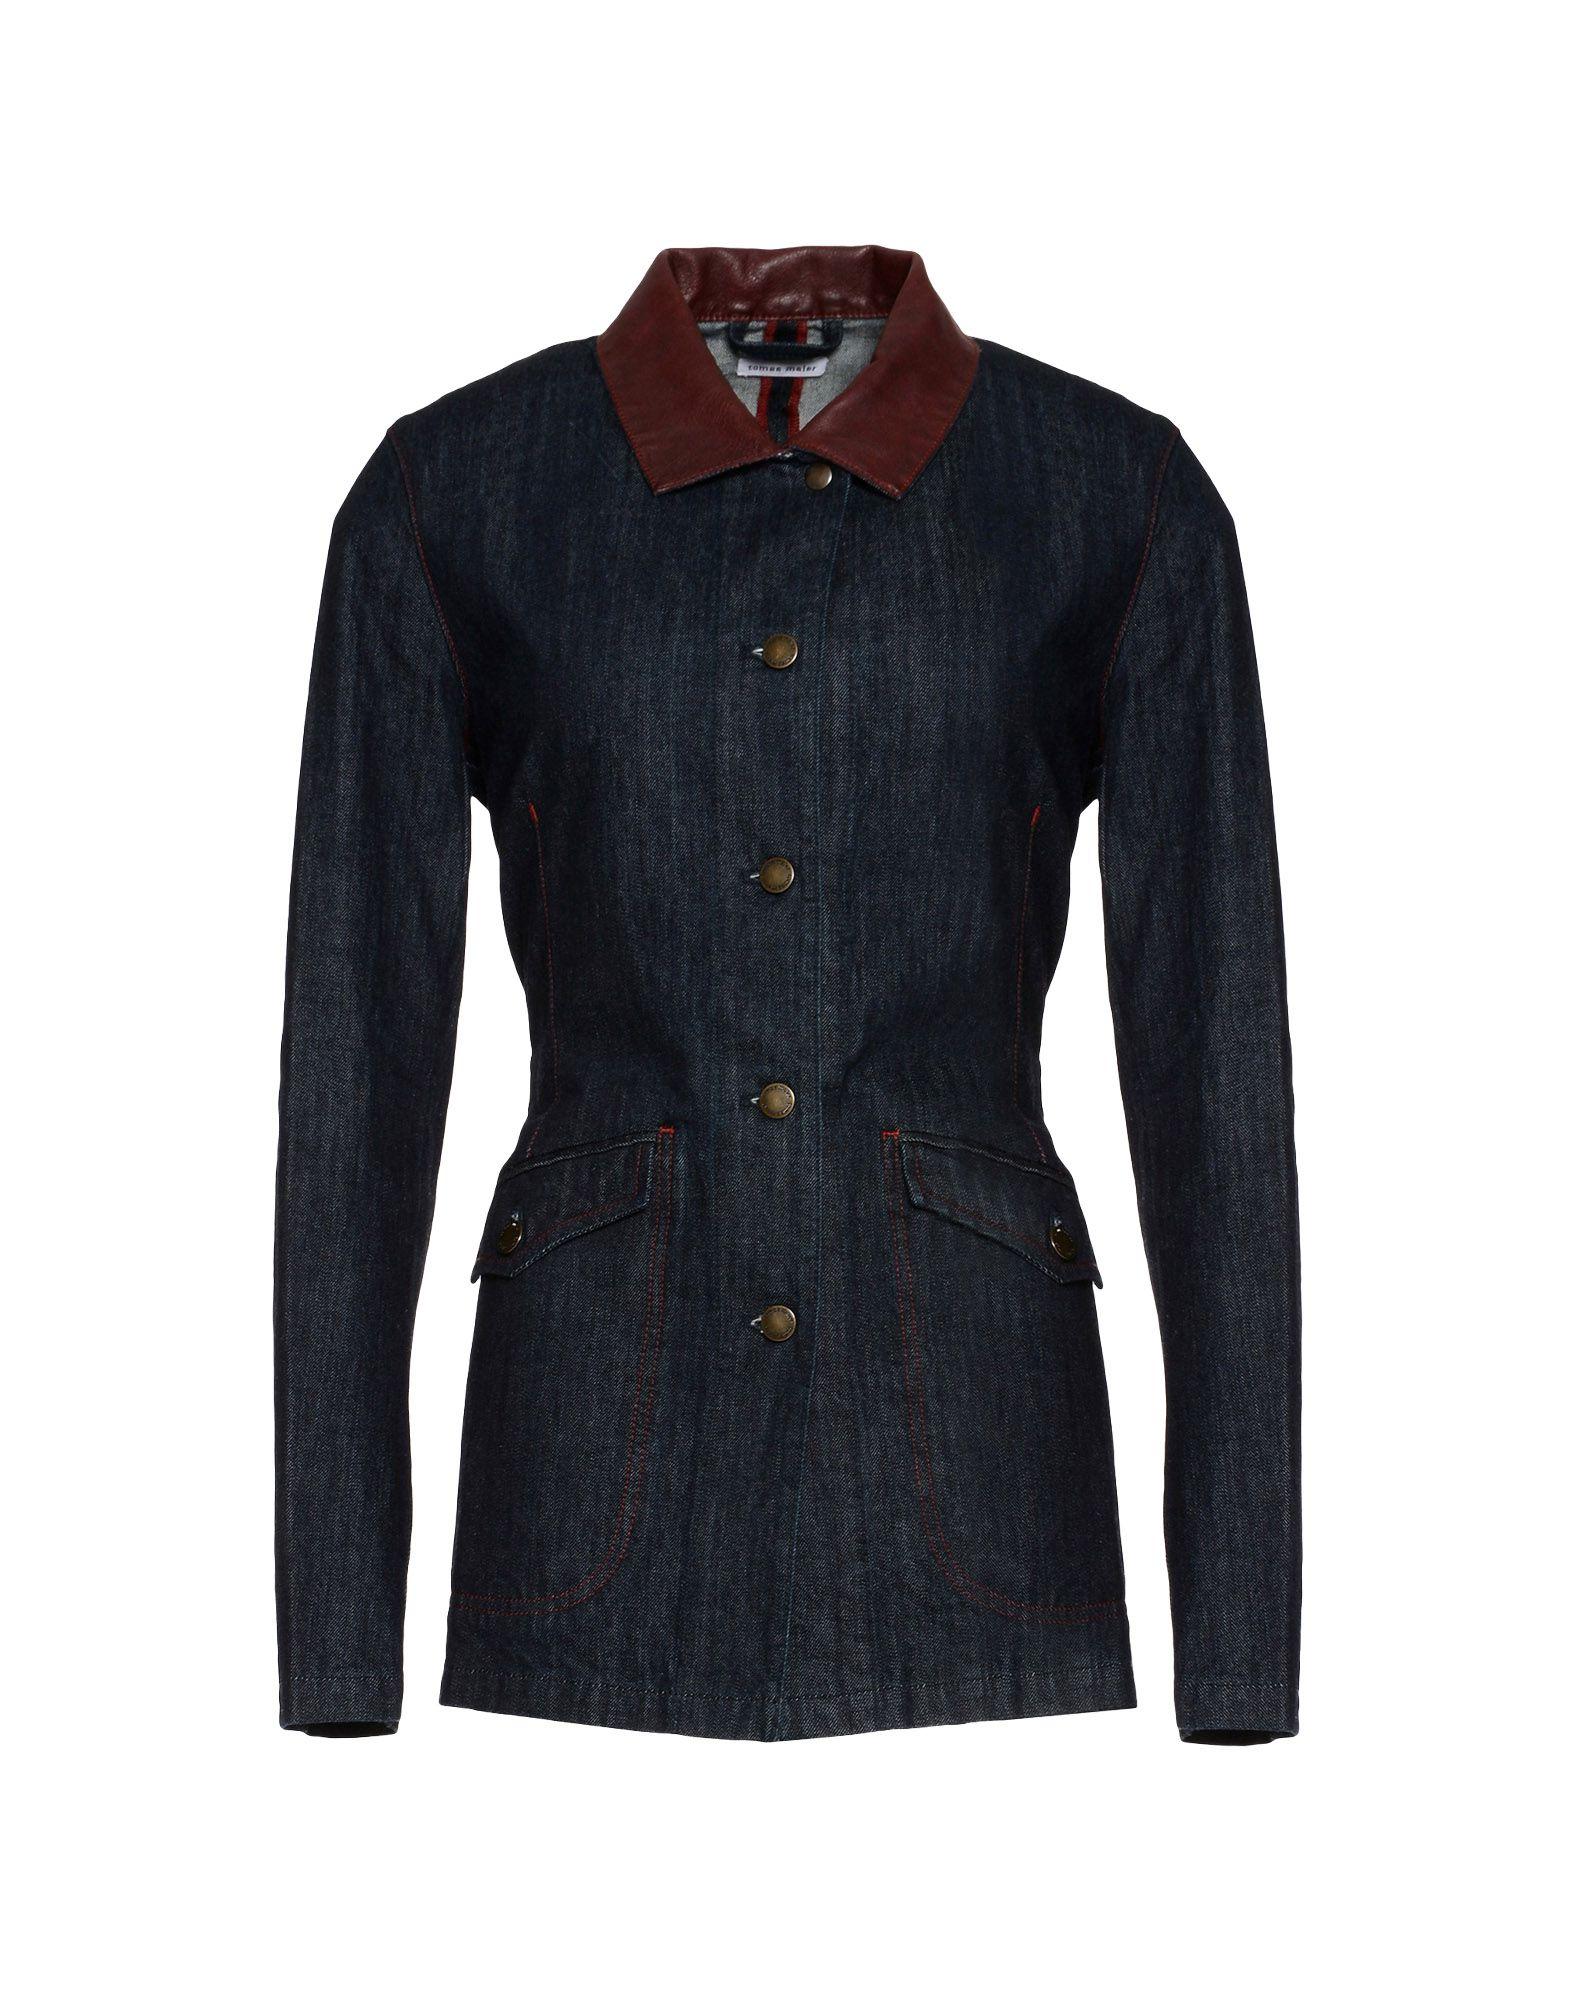 TOMAS MAIER Джинсовая верхняя одежда colmar джинсовая верхняя одежда